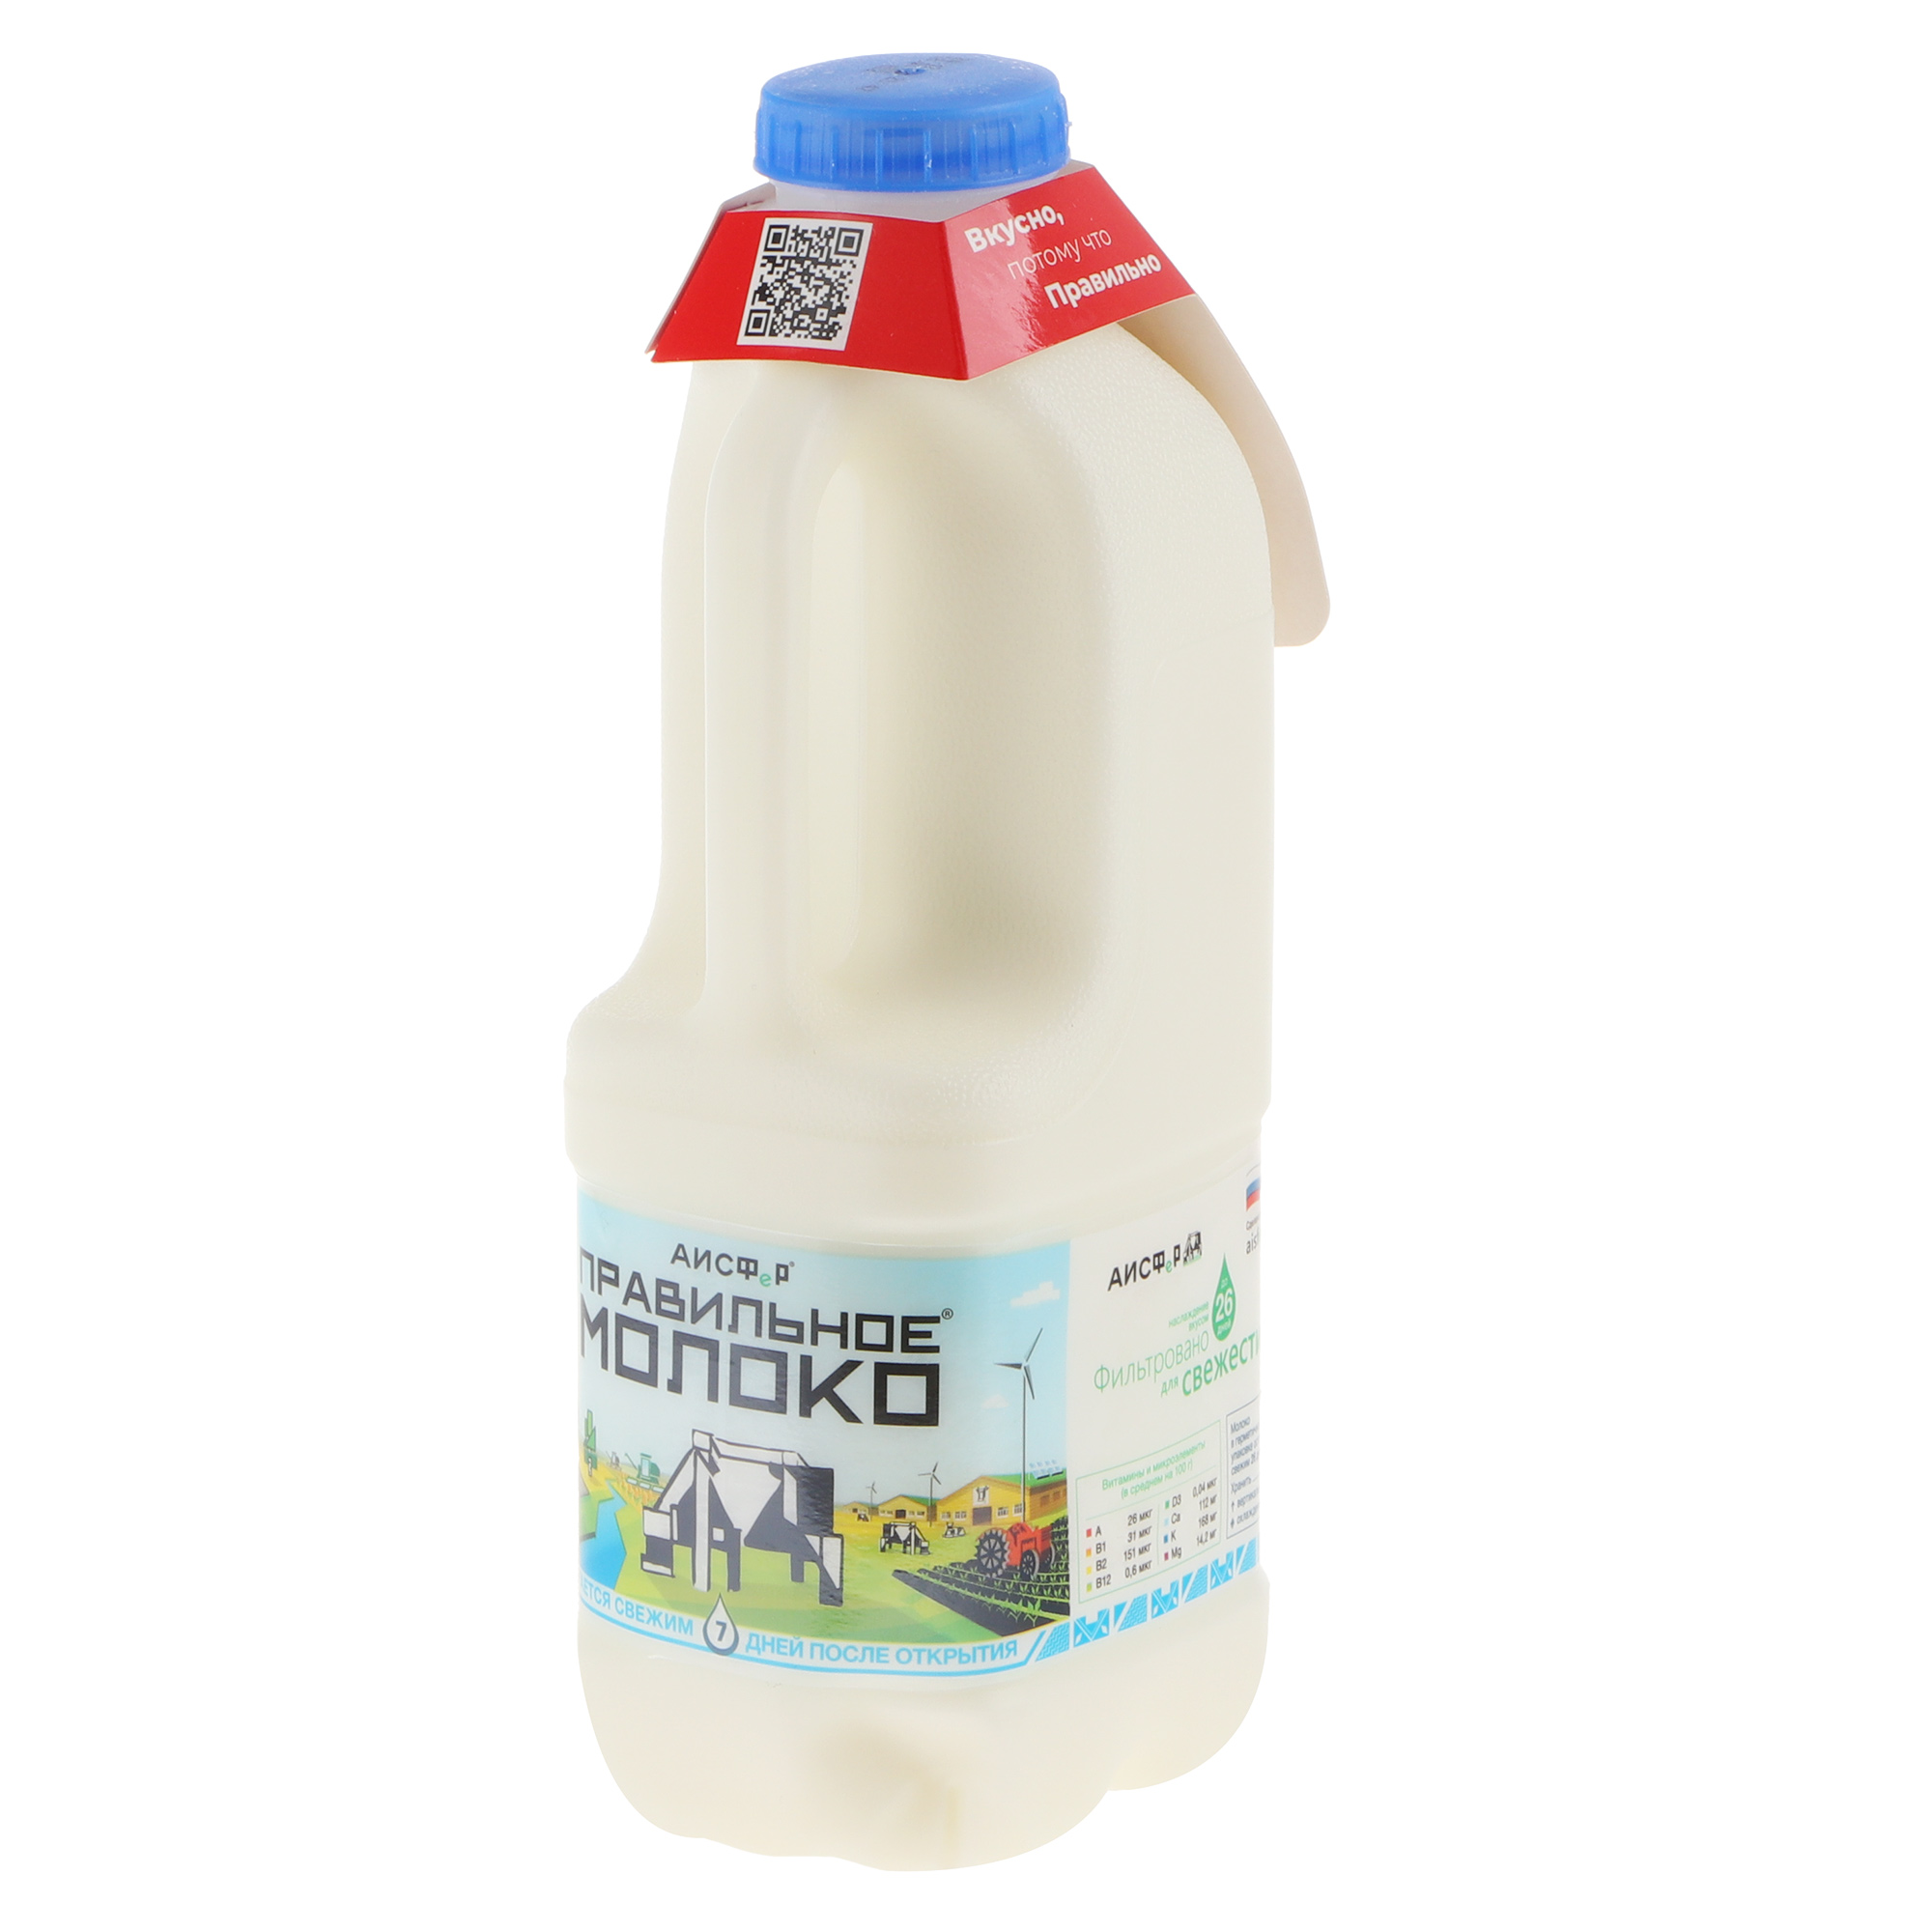 Молоко пастеризованное Правильное молоко 1,5% 0,9 л недорого